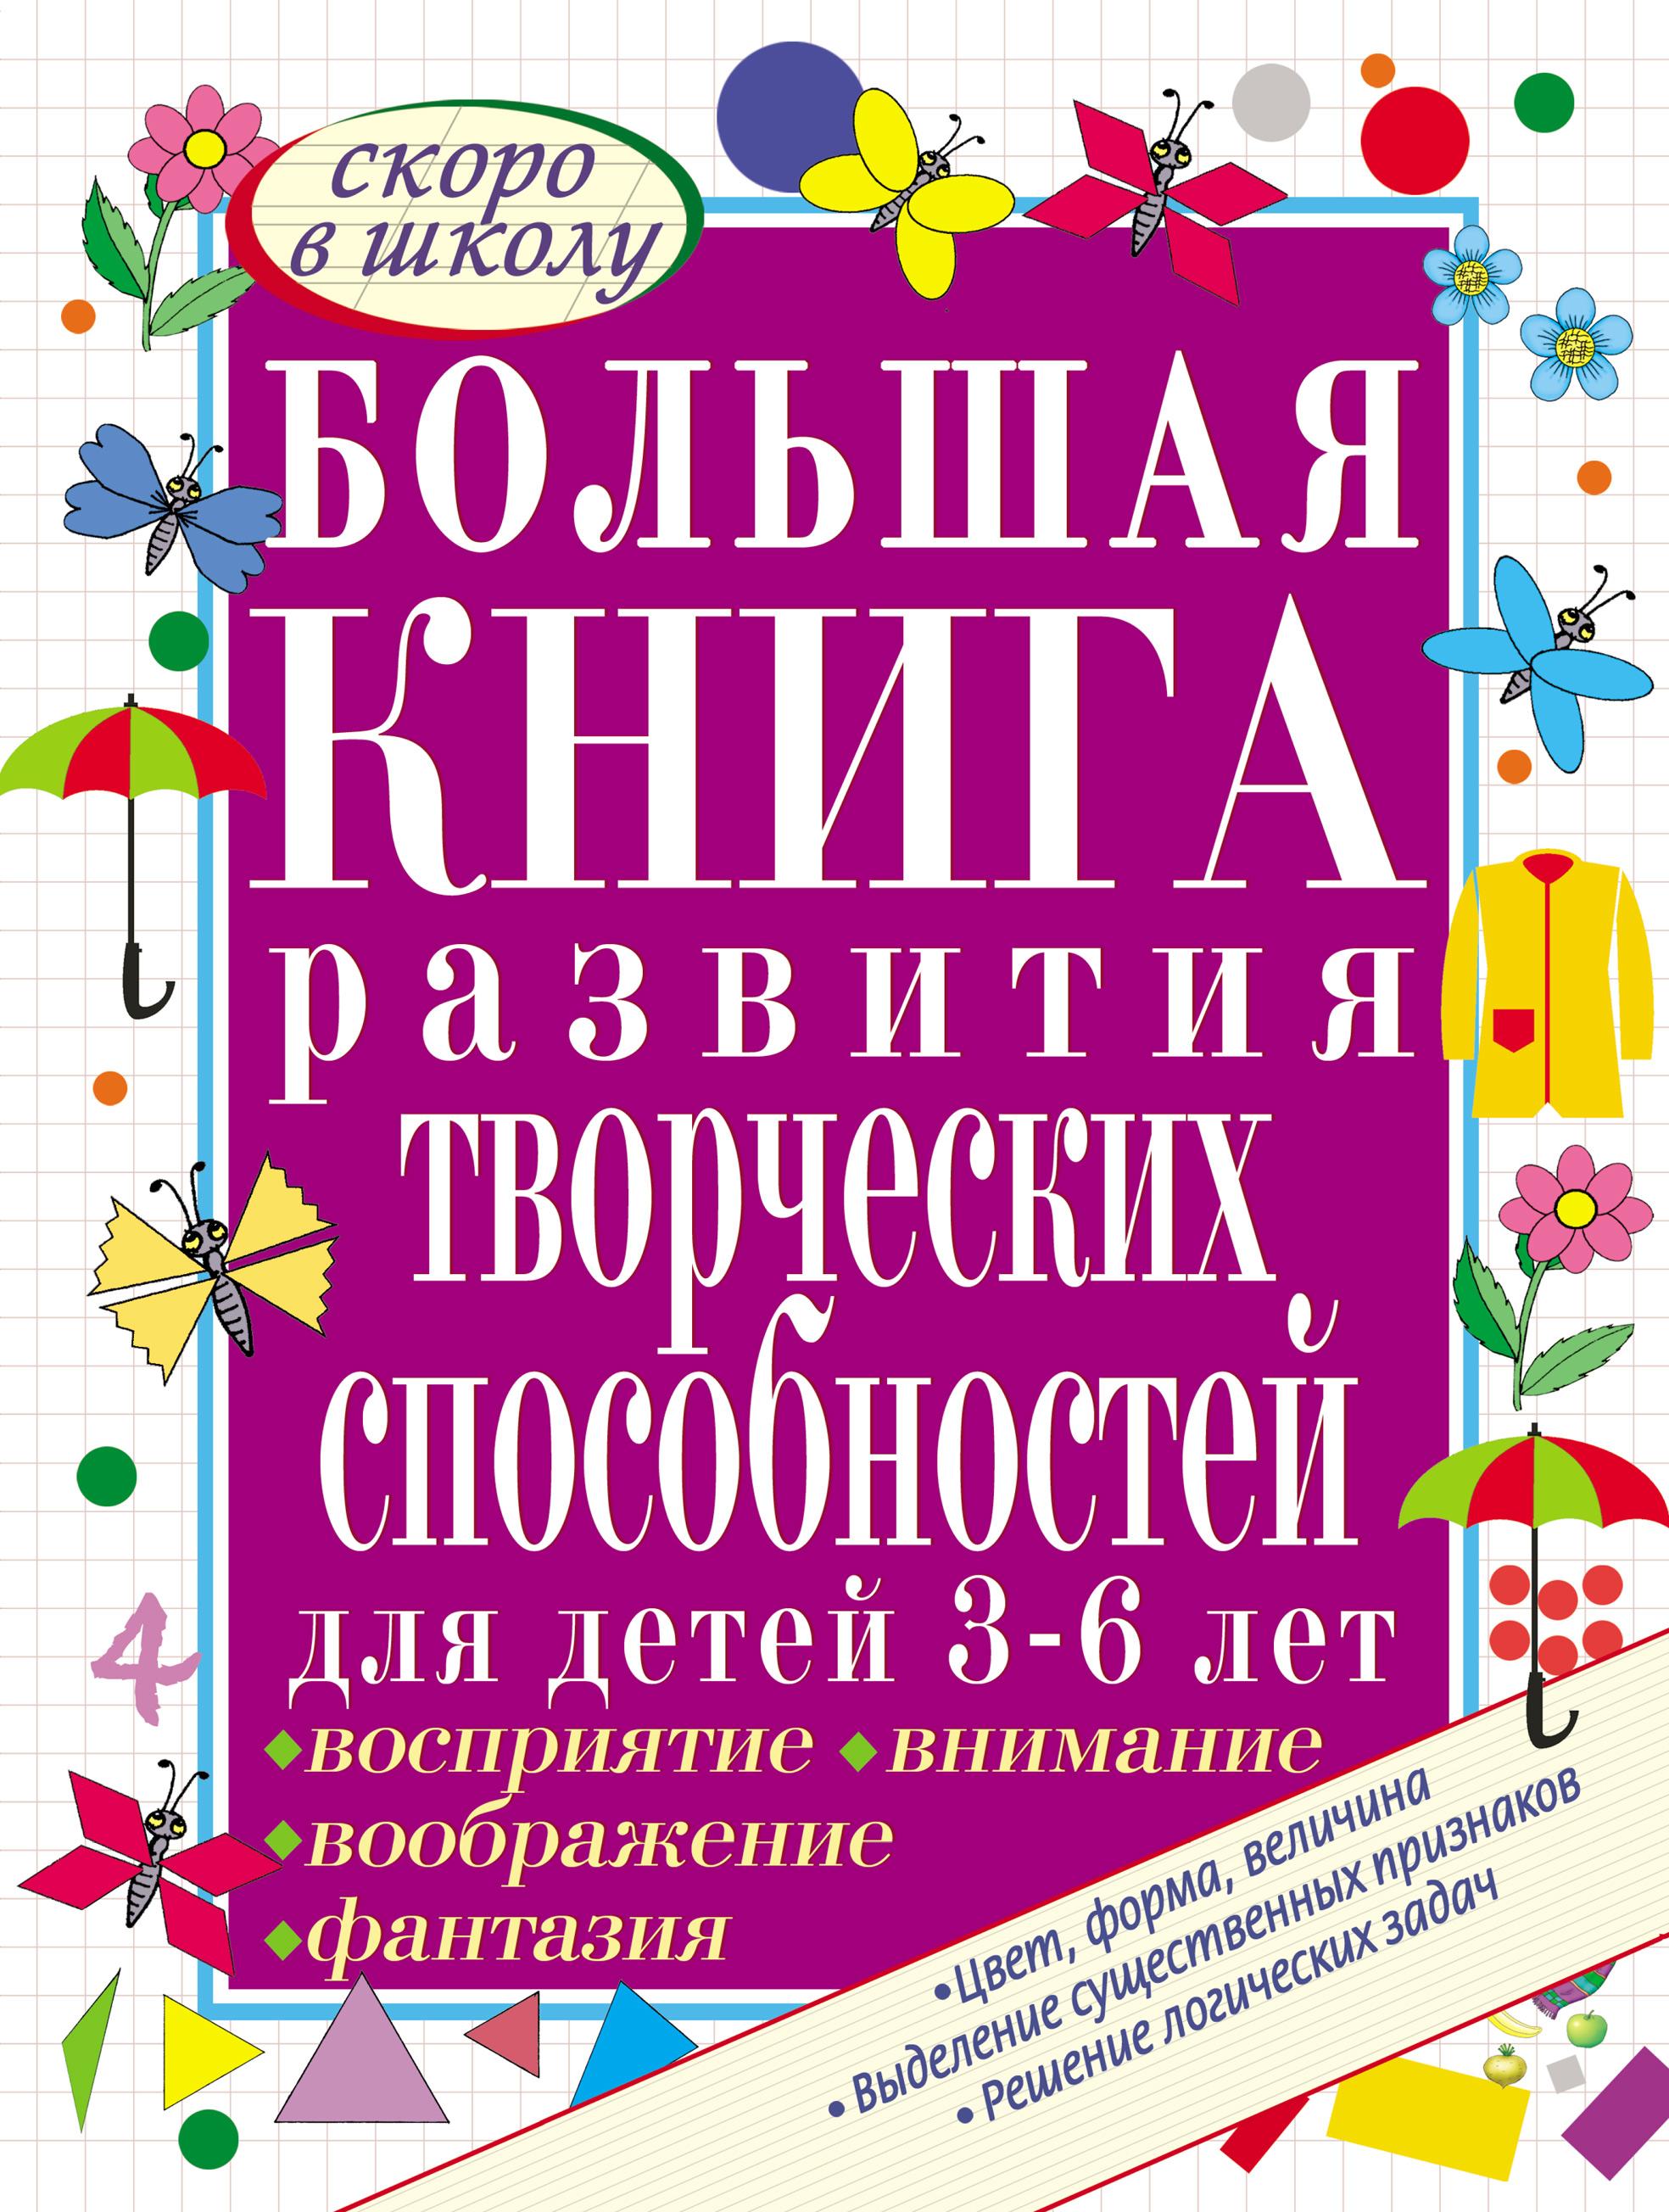 С. Е. Гаврина Большая книга развития творческих способностей для детей 3-6 лет. Развиваем восприятие, воображение, внимание, фантазию гаврина с большая книга разв творческих способн для дет 3 6 лет